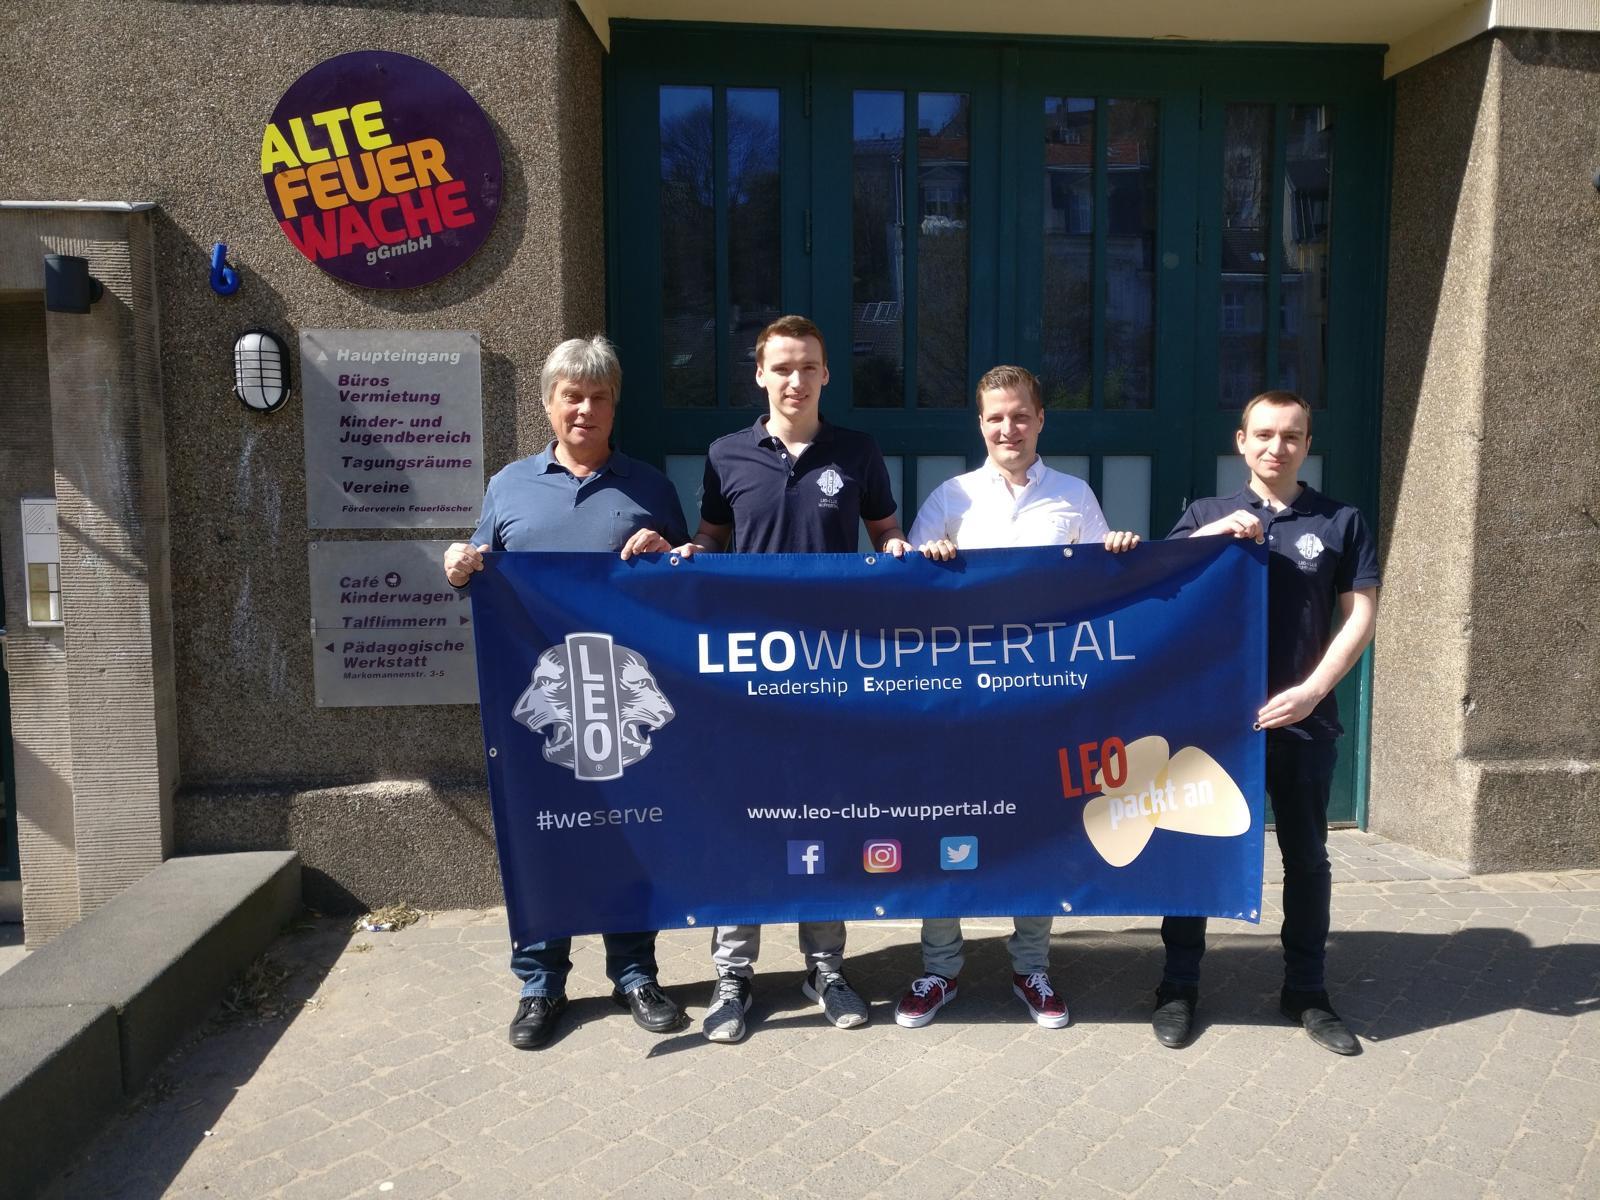 Leos unterstützen weiterhin die 8samkeitsgruppe der Alten Feuerwache